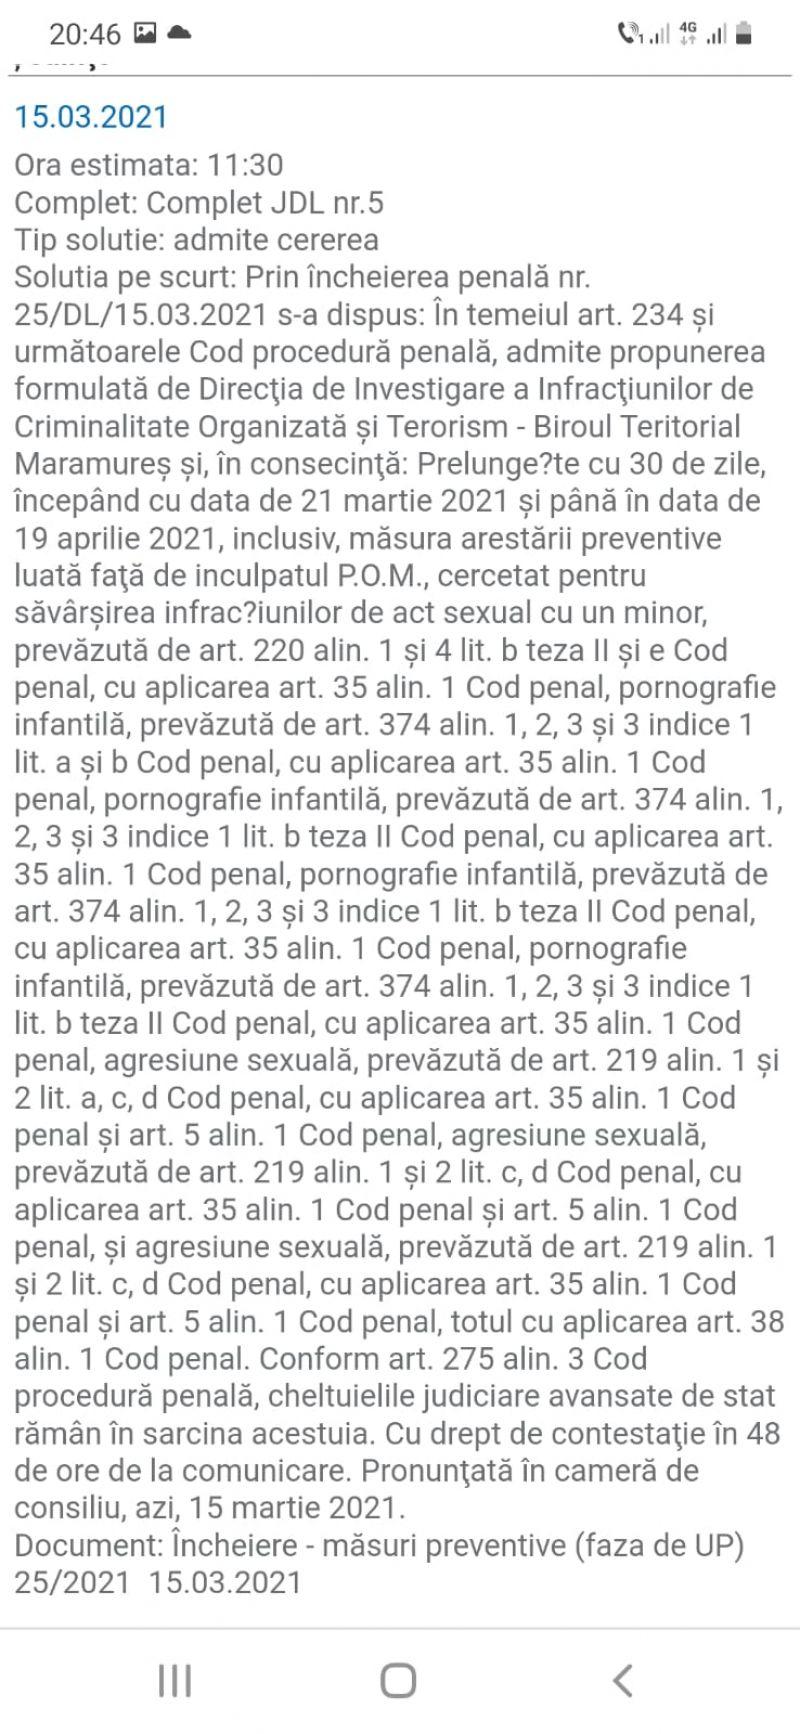 Caz șocant în Maramureș: Pornografie infantilă - Doi soți din Cicârlău arestați după ce și-au abuzat sexual fetița și alte trei fete. Procurorii au găsit imagini șocante